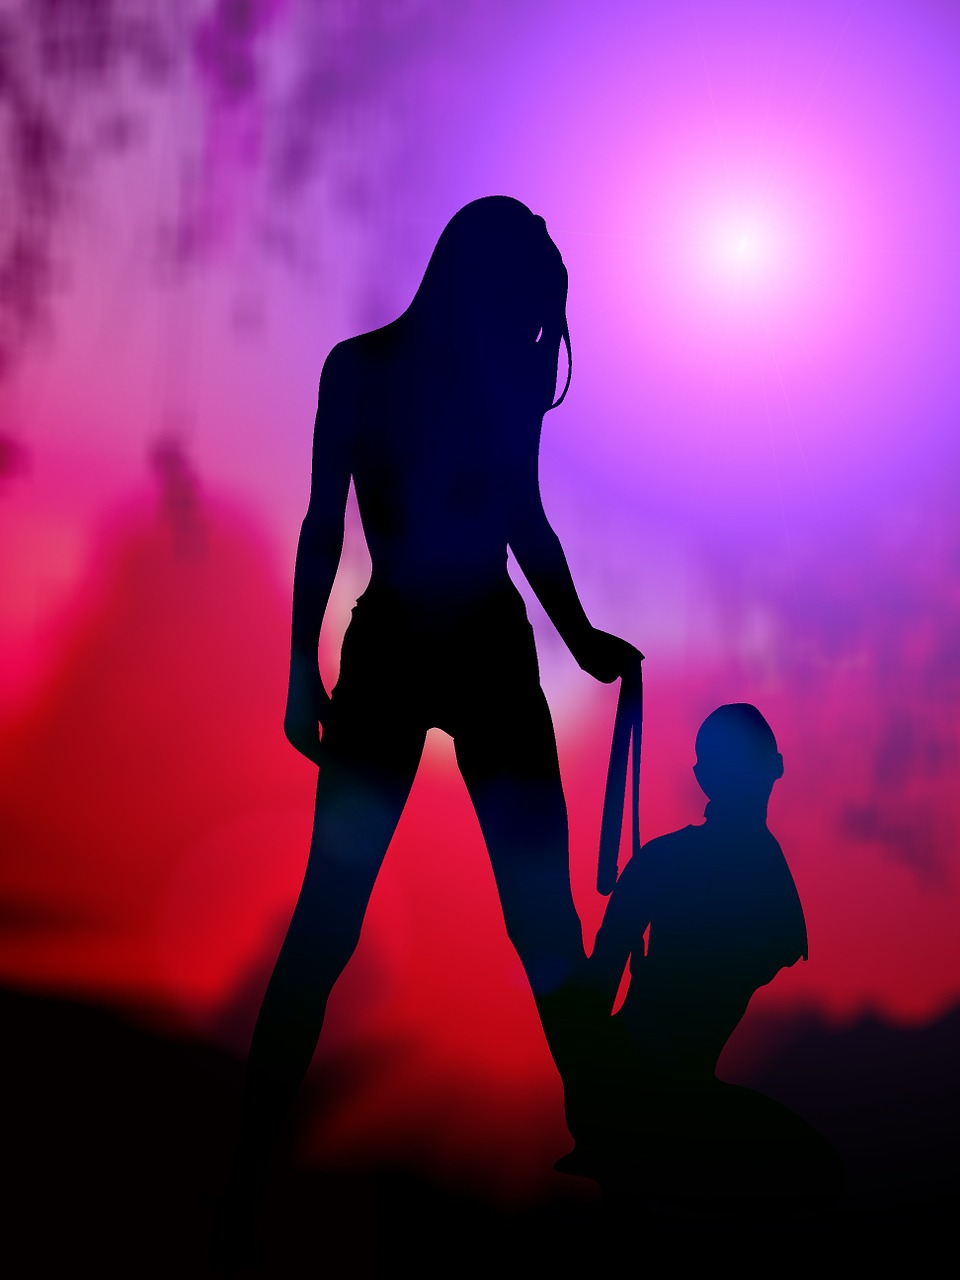 Ist Domina zu sein etwas anderes als Prostitution?